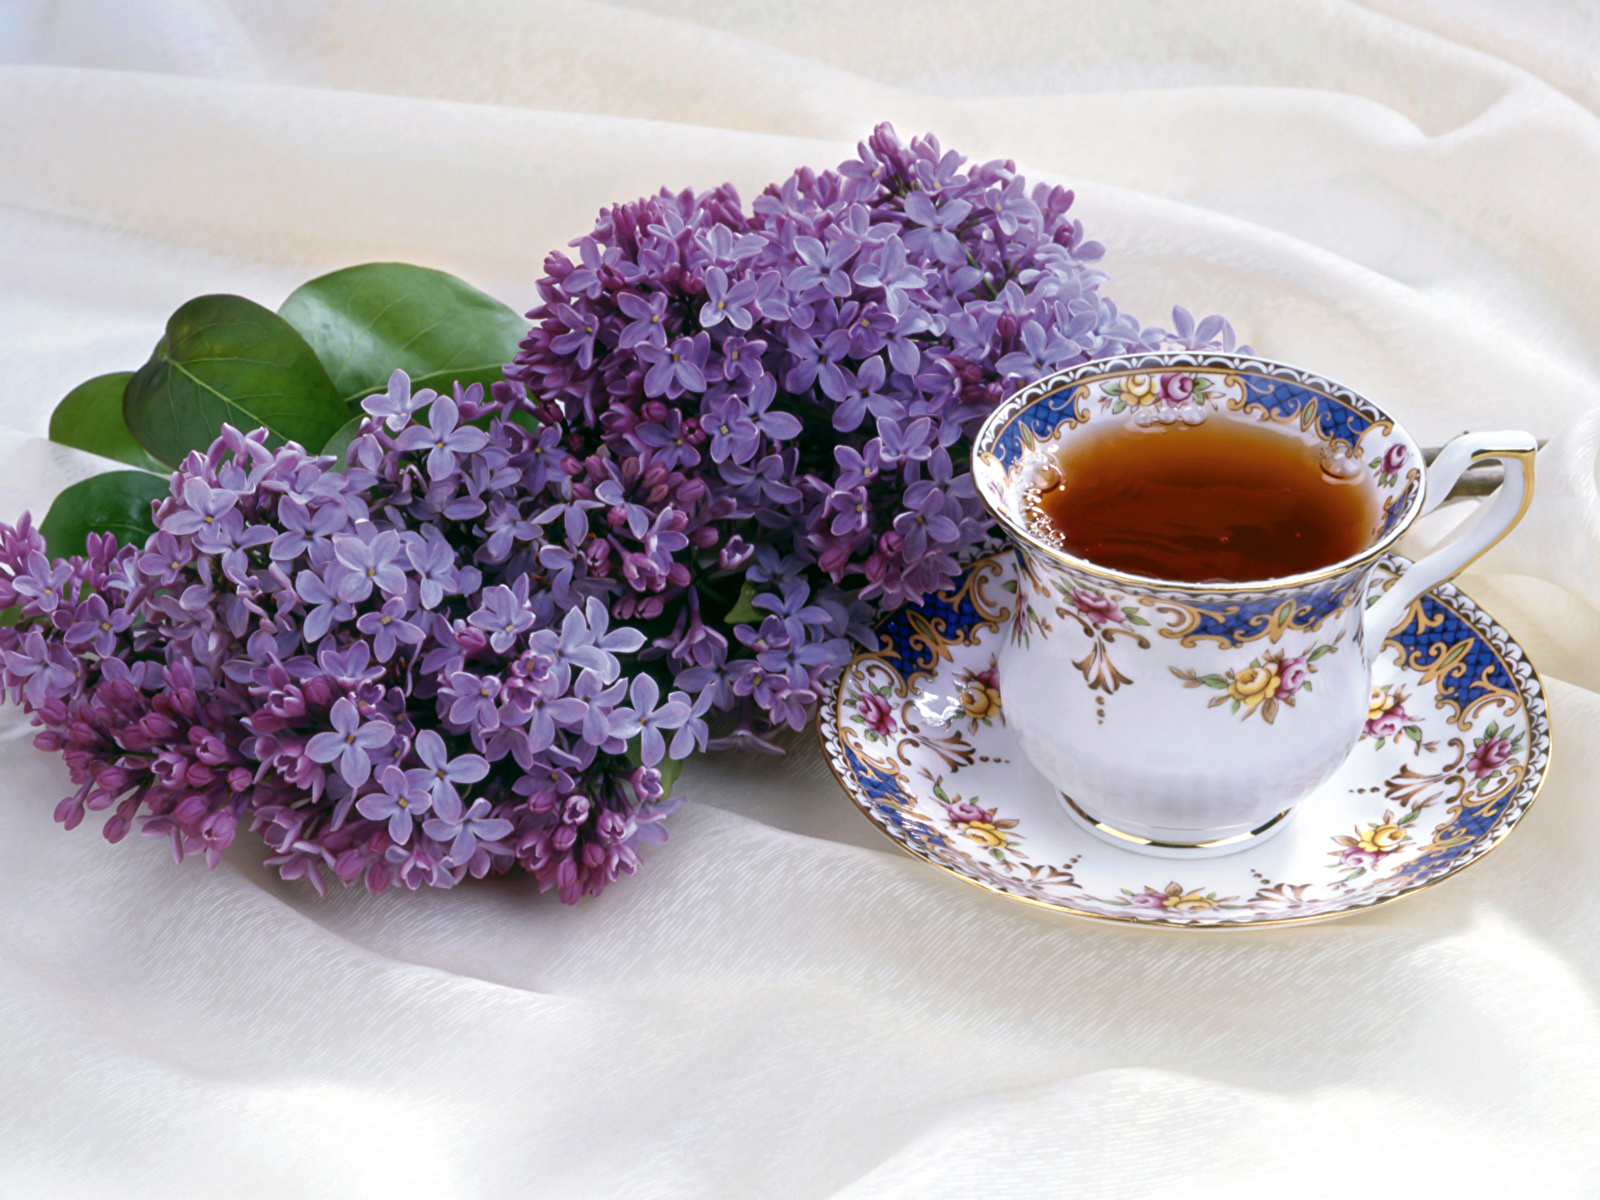 природа цветы сирень сахар блюдо  № 1154311 загрузить